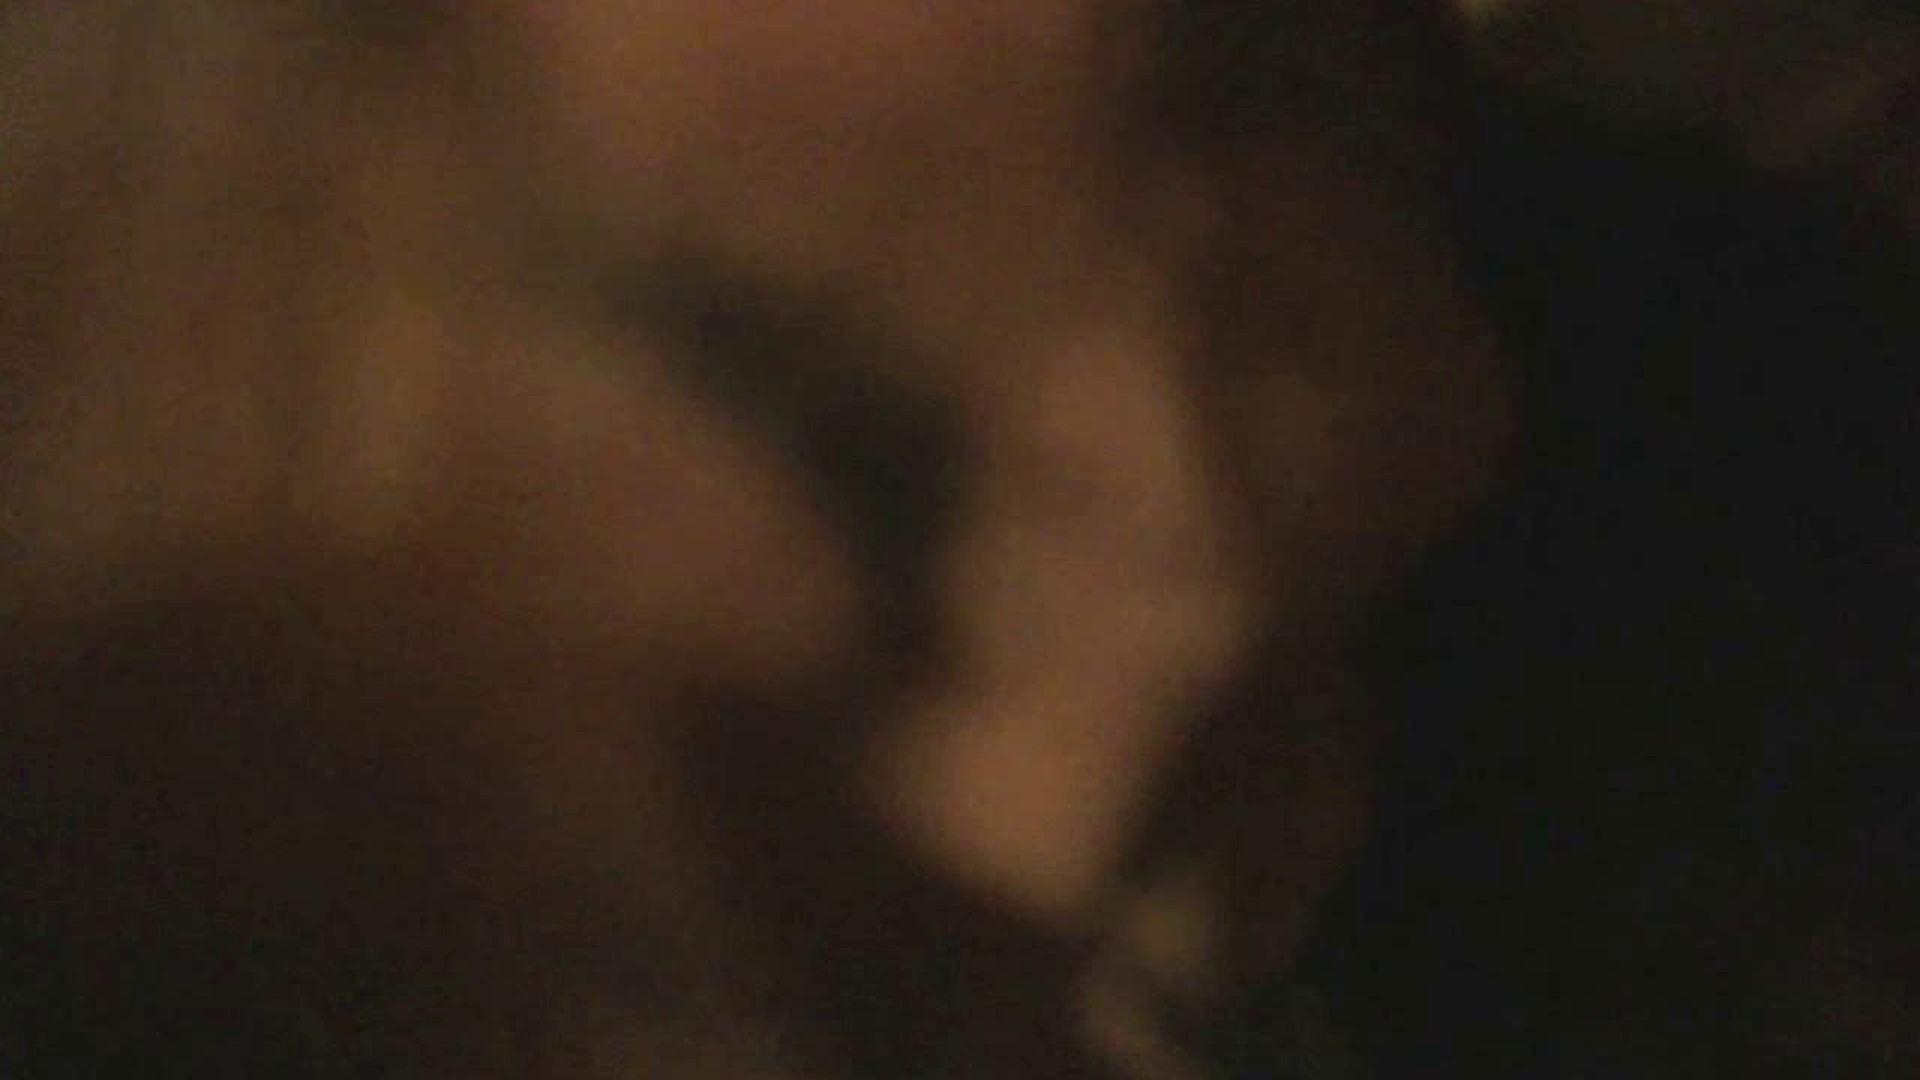 魔術師の お・も・て・な・し vol.10 19歳女子大生にカラオケでイタズラ 女子大生特集  48連発 38